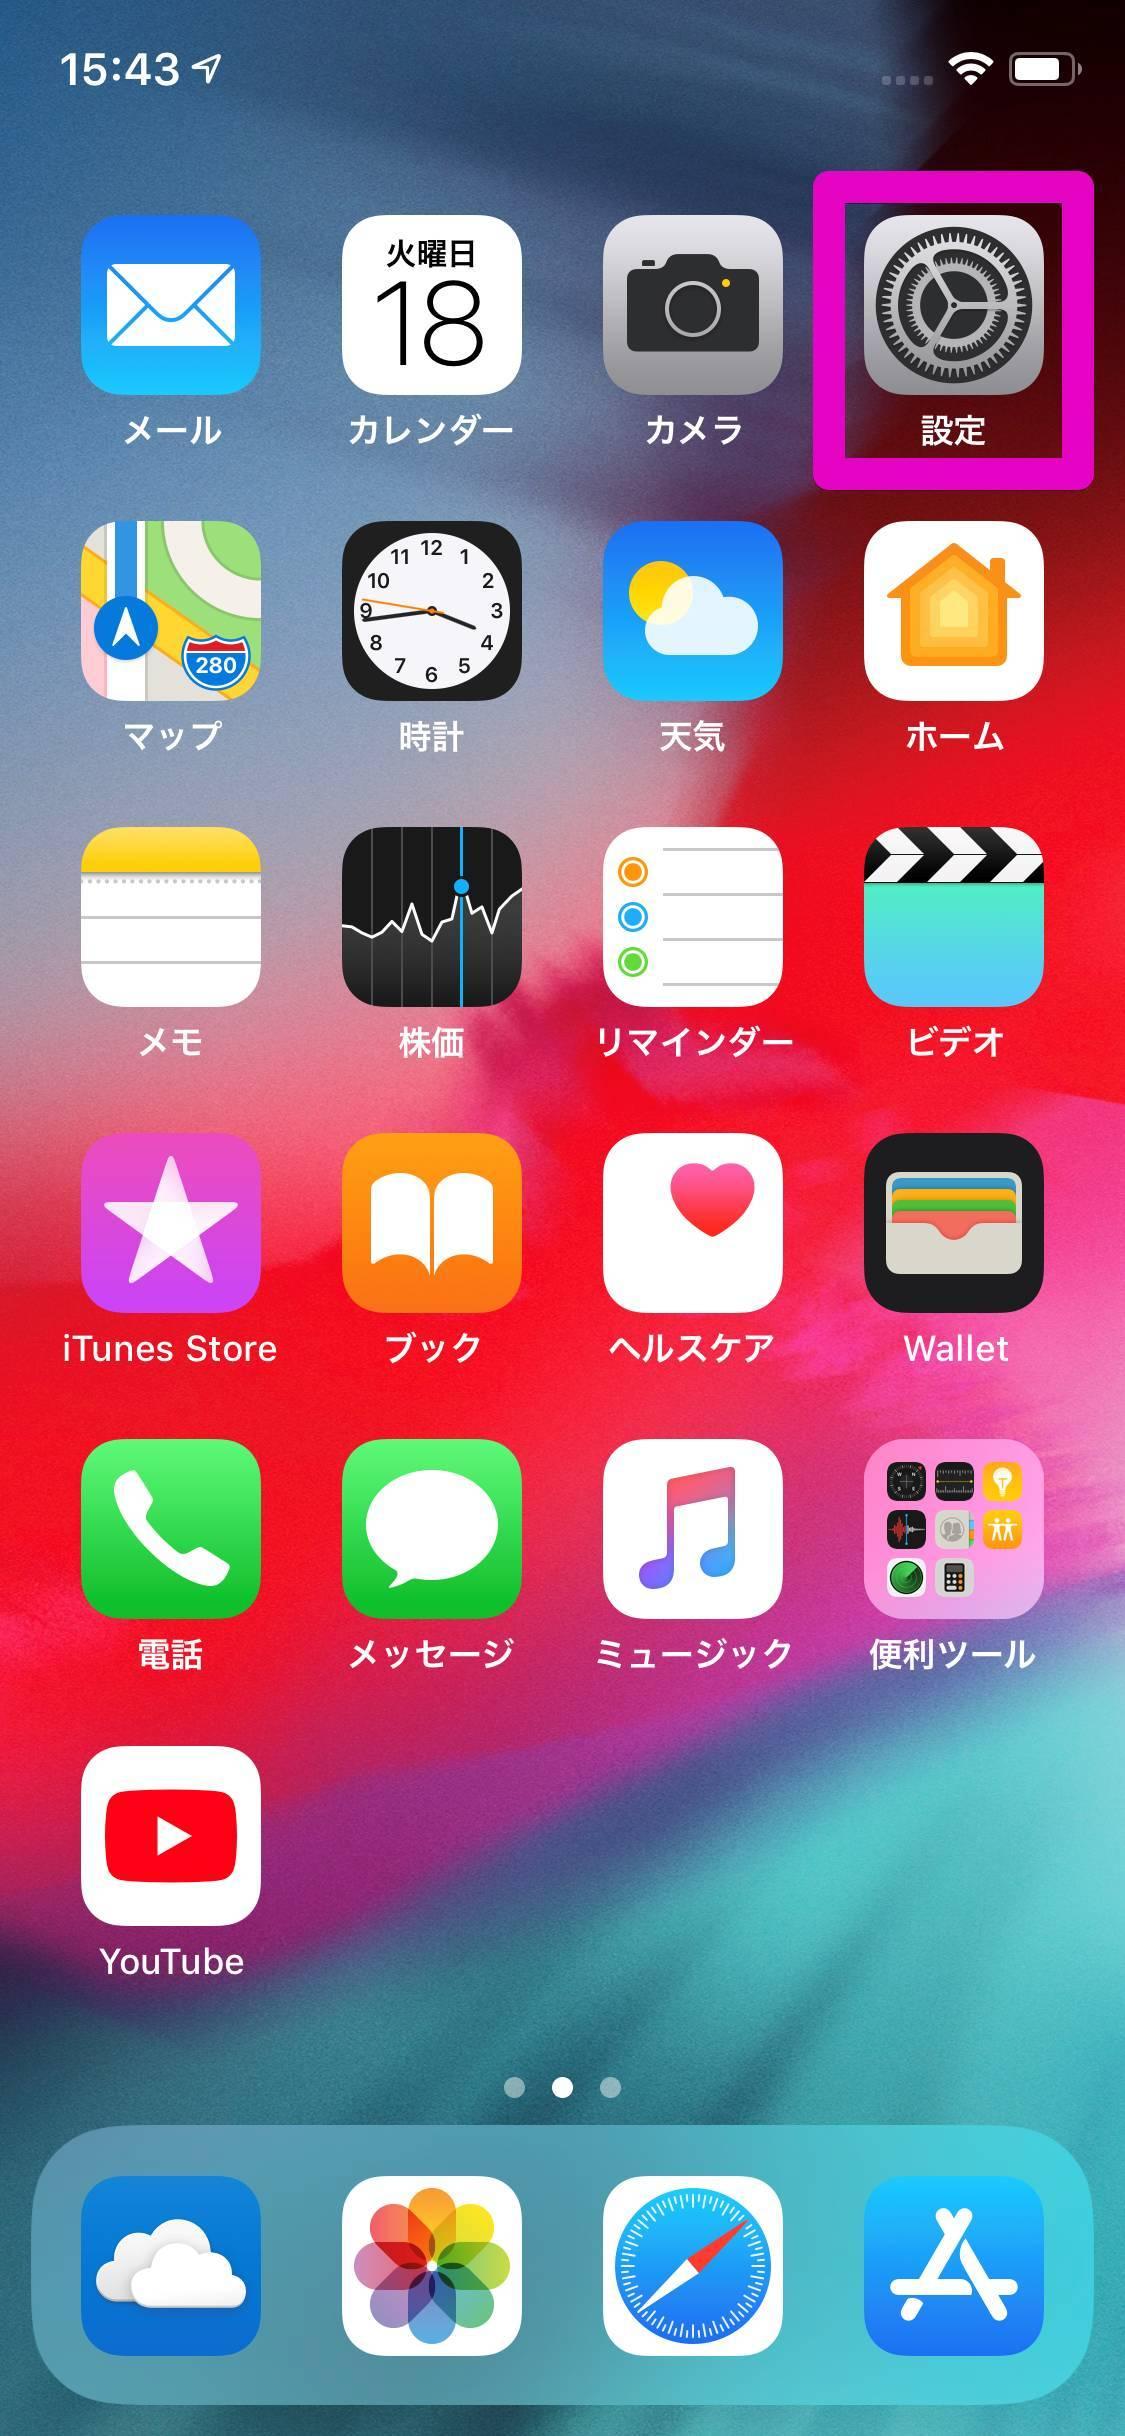 Iphoneのロック画面 ホーム画面の壁紙を変更する方法 Appliv Topics